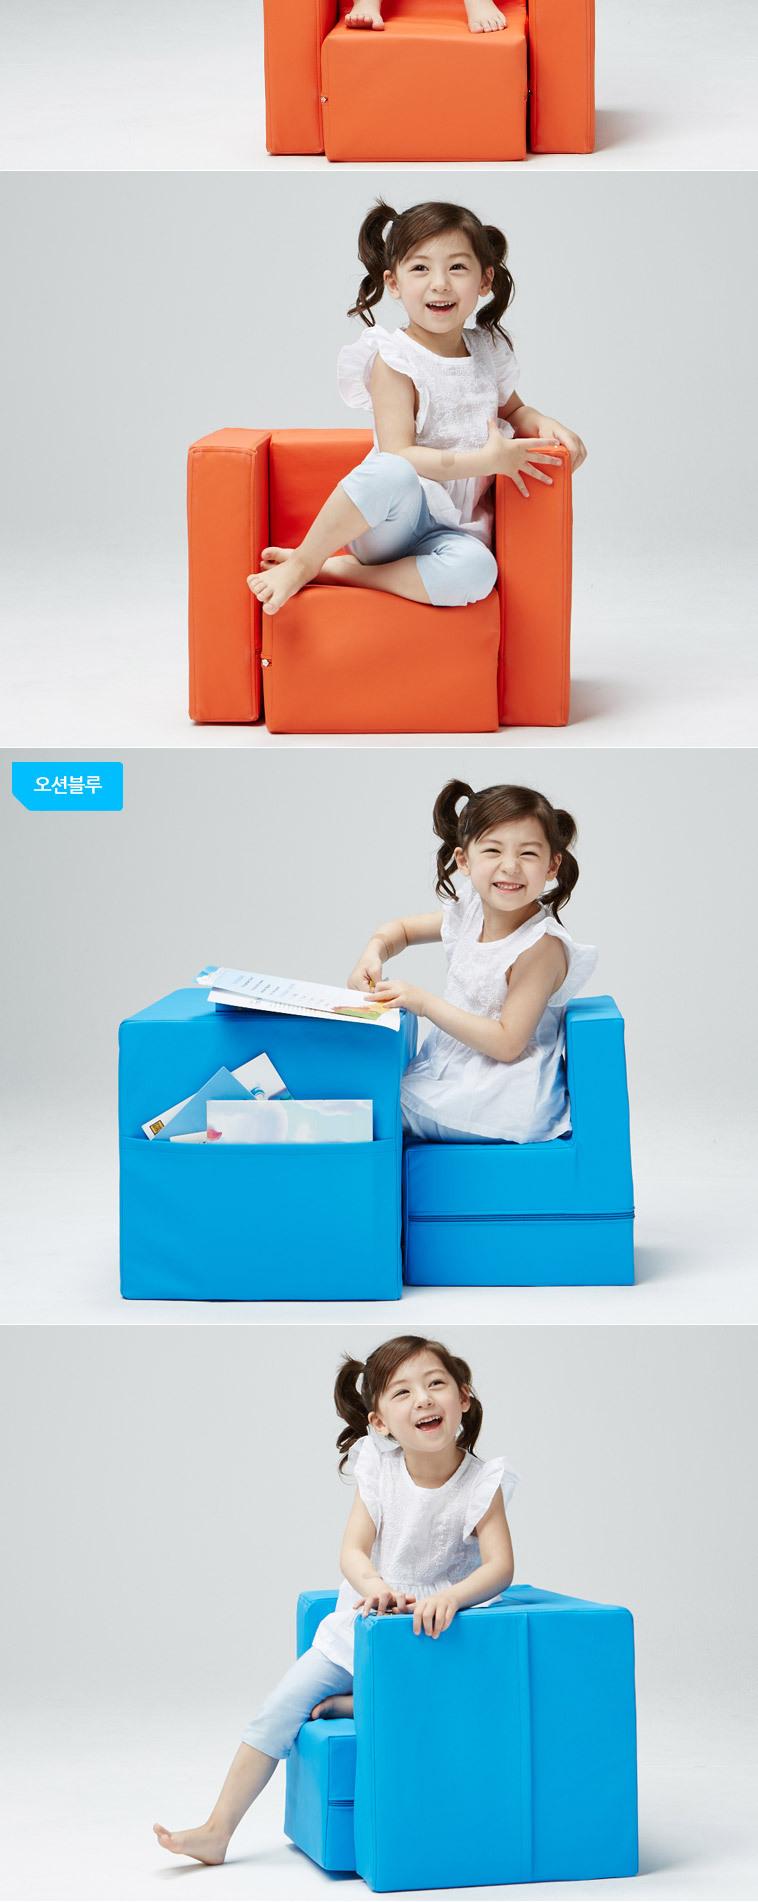 [마이컬러] 그린 유아책상소파 - 상세정보